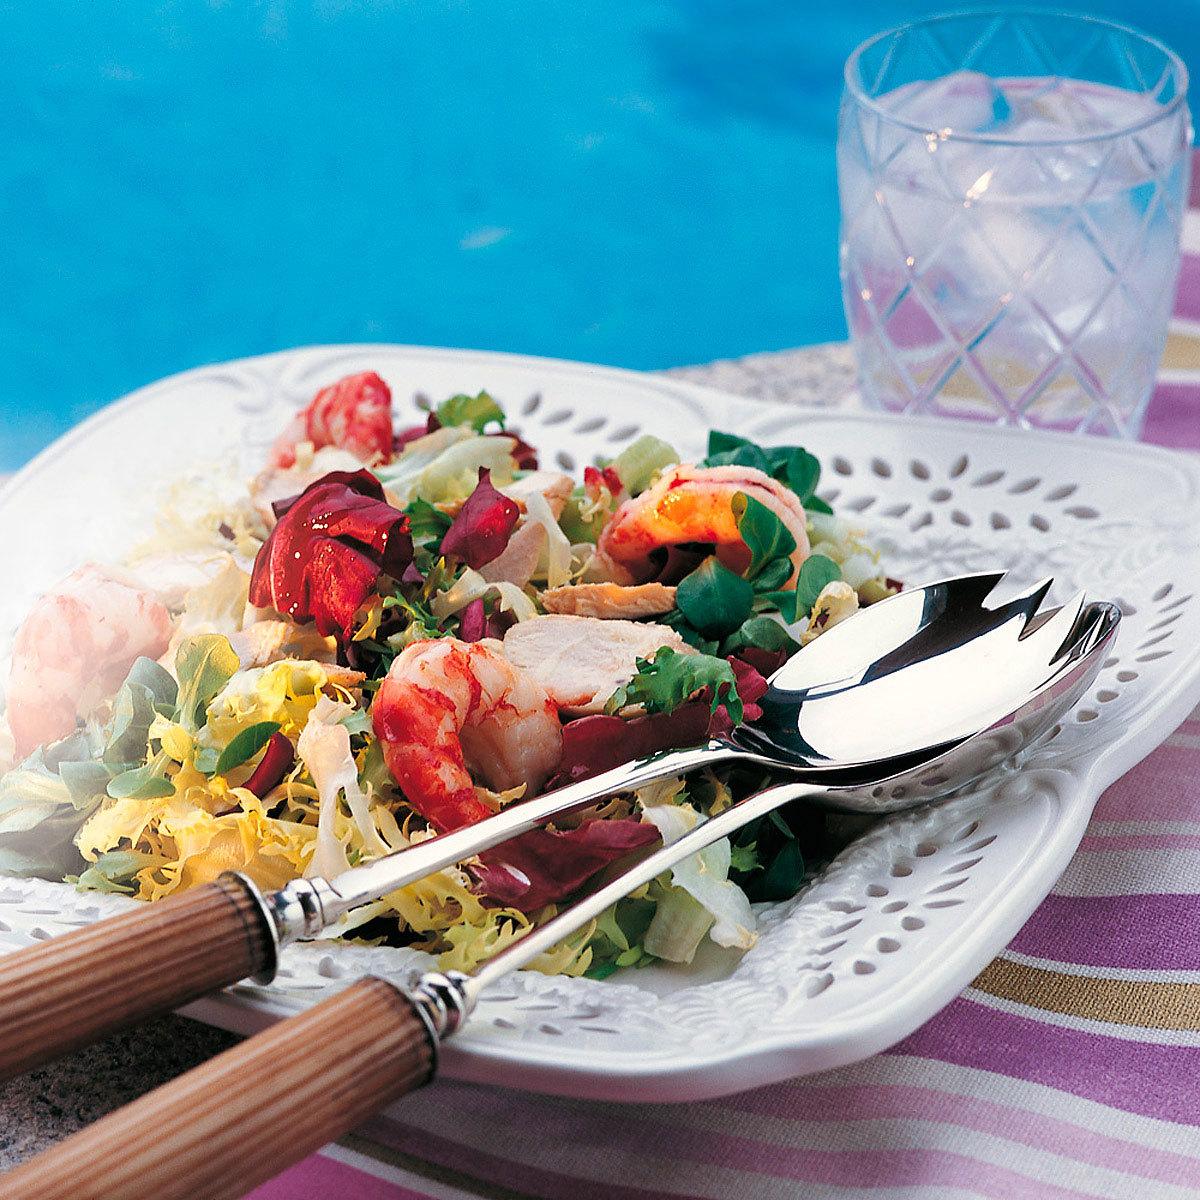 Ensaladas de verano  Curso de cocina de verano  Escuela